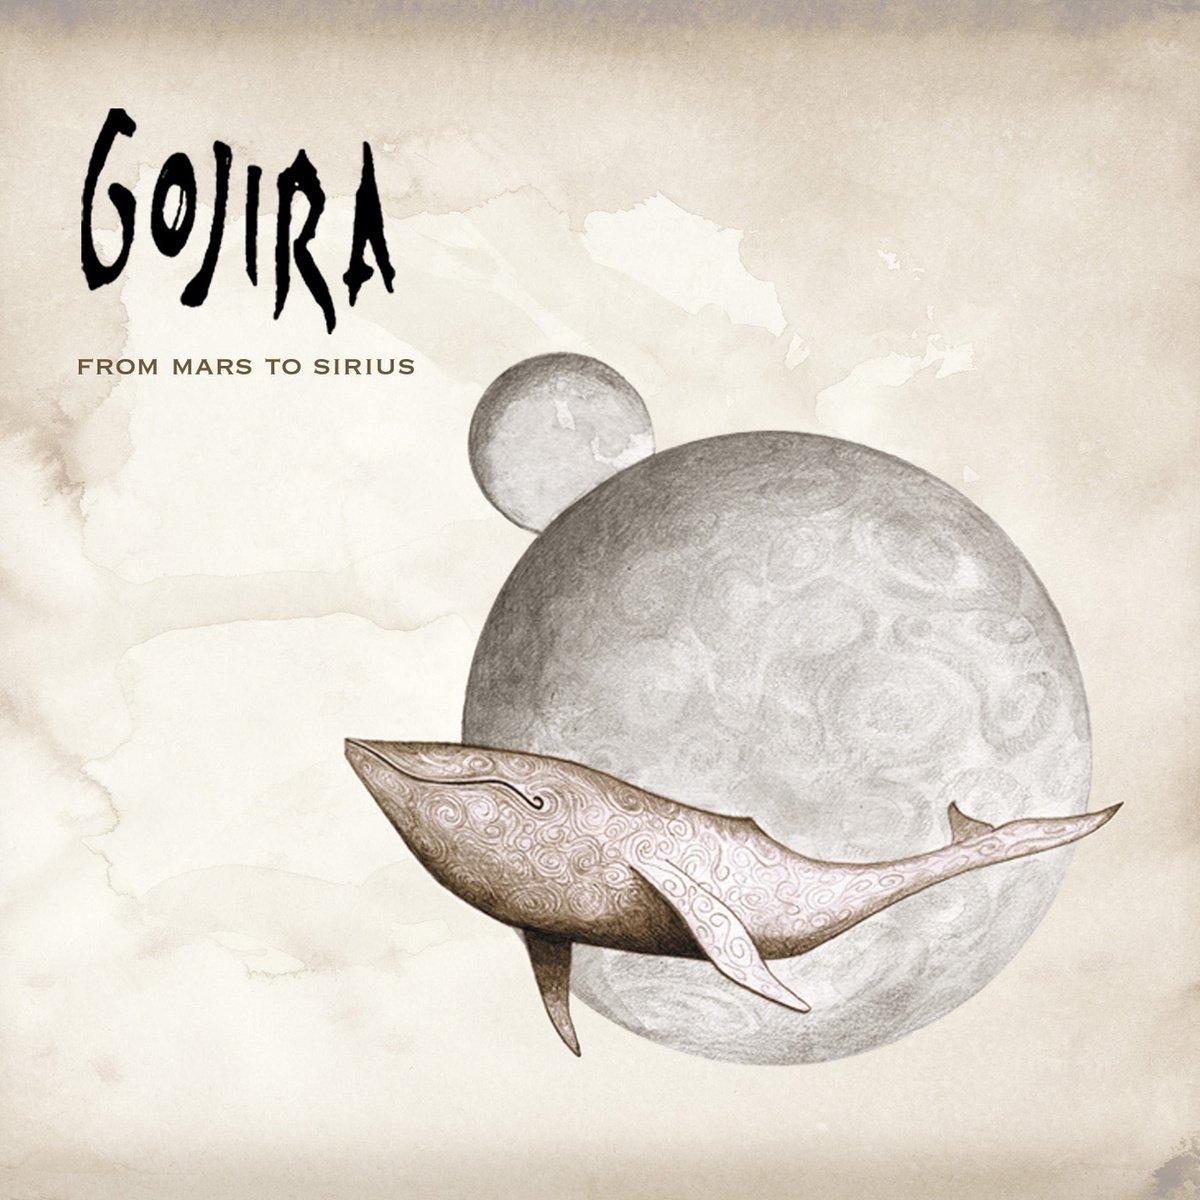 Gojira - From Mars To Sirius [2xLP]